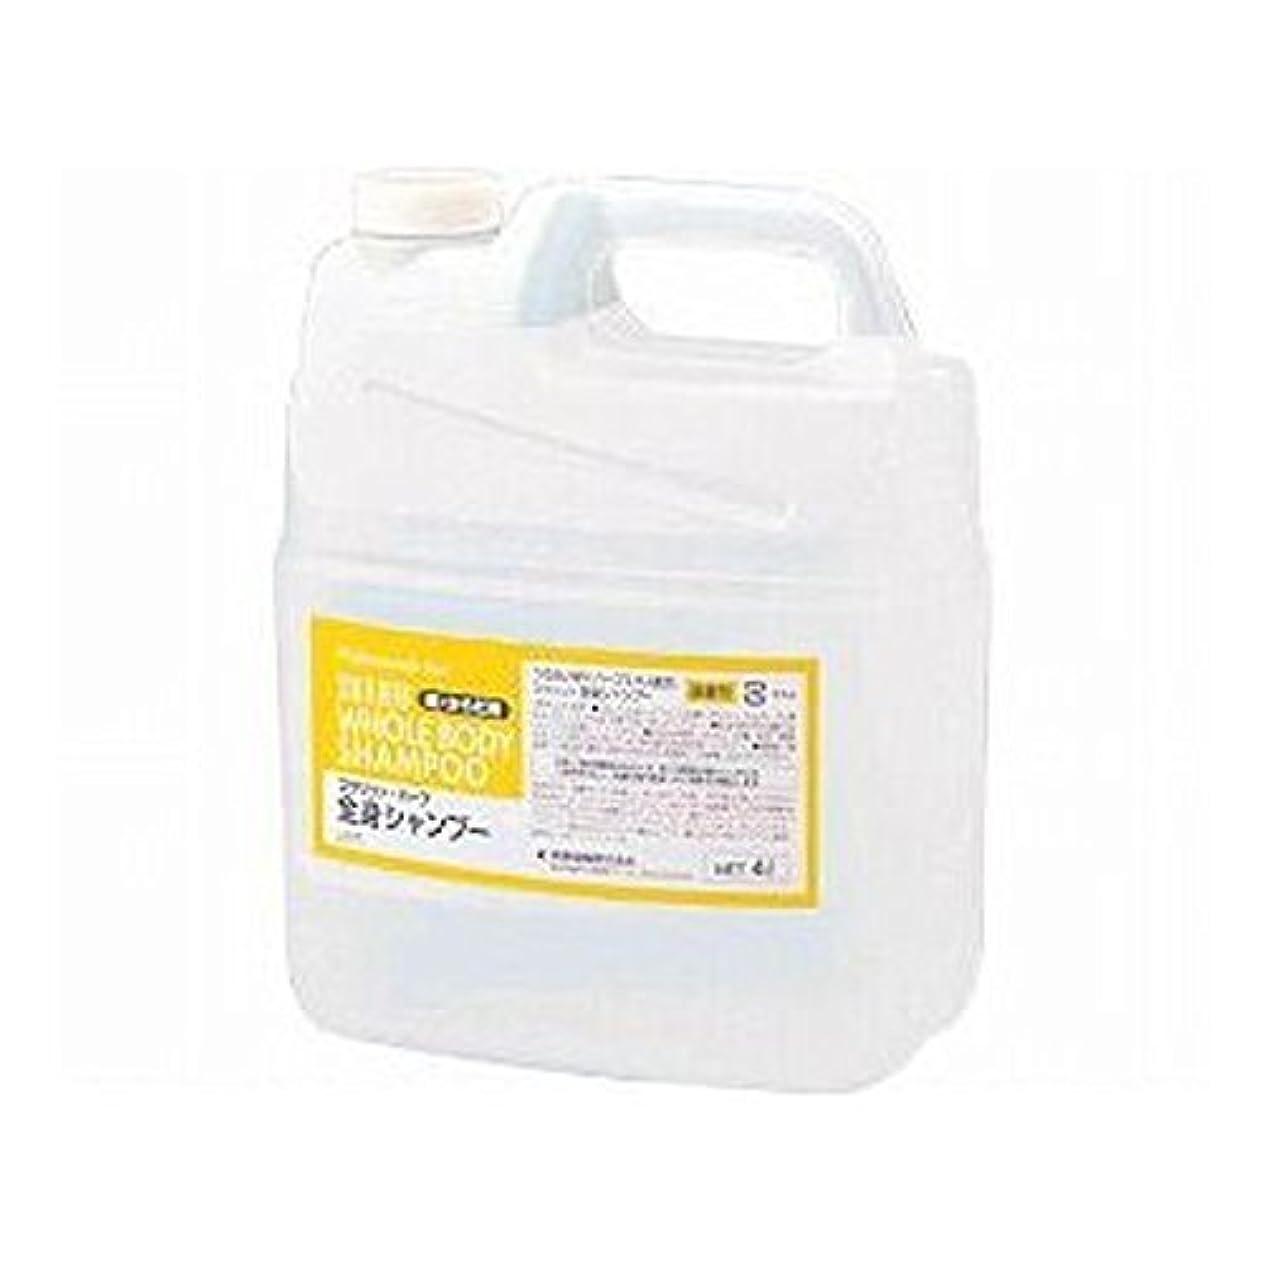 無一文干渉する一時的熊野油脂 業務用 SCRITT(スクリット) 全身シャンプー 4L